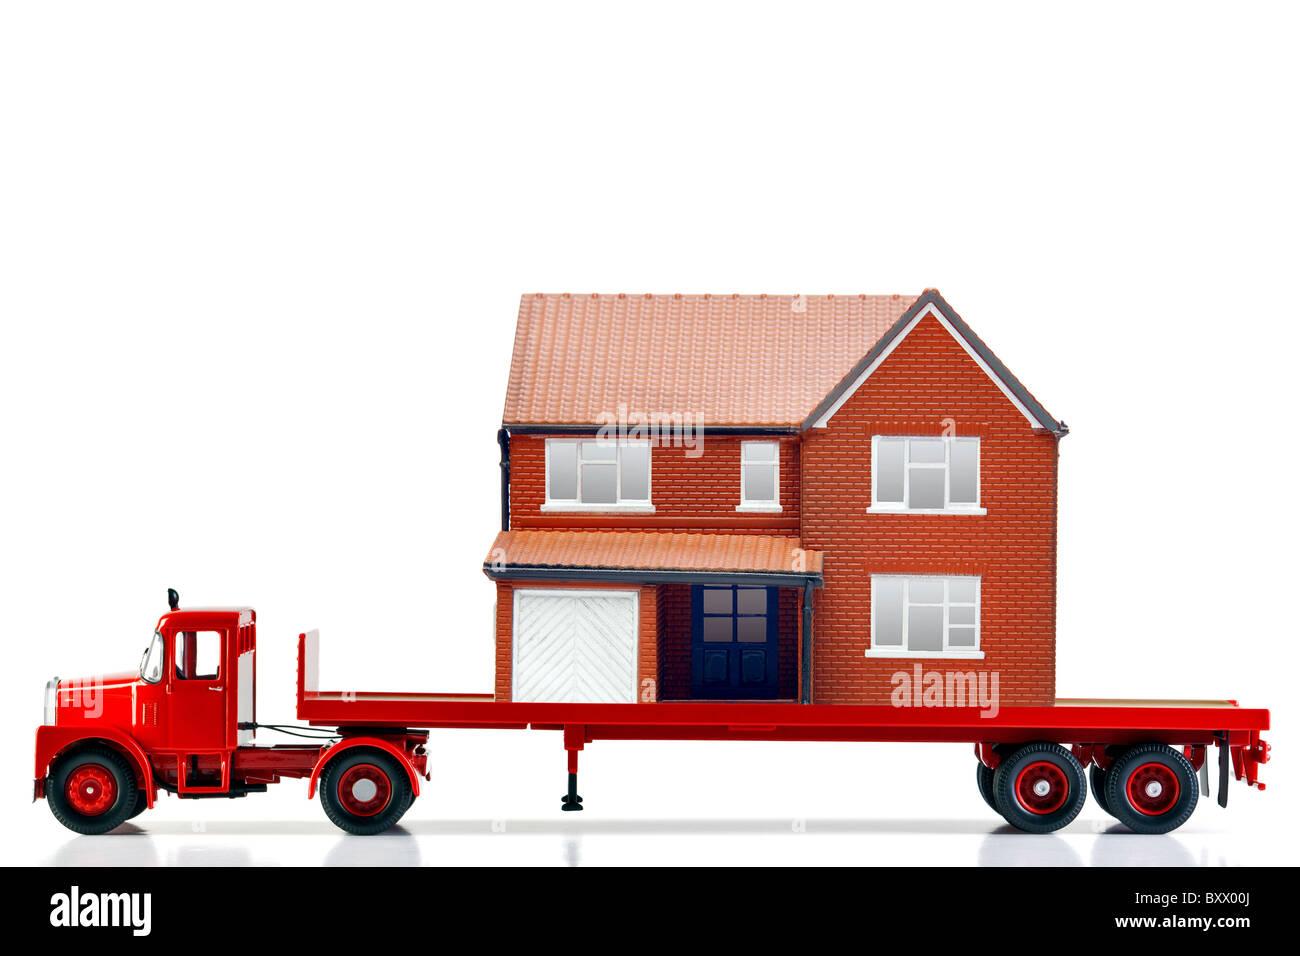 Un plateau chargé de camions avec une maison isolée sur un fond blanc. Les deux sont des modèles. Photo Stock